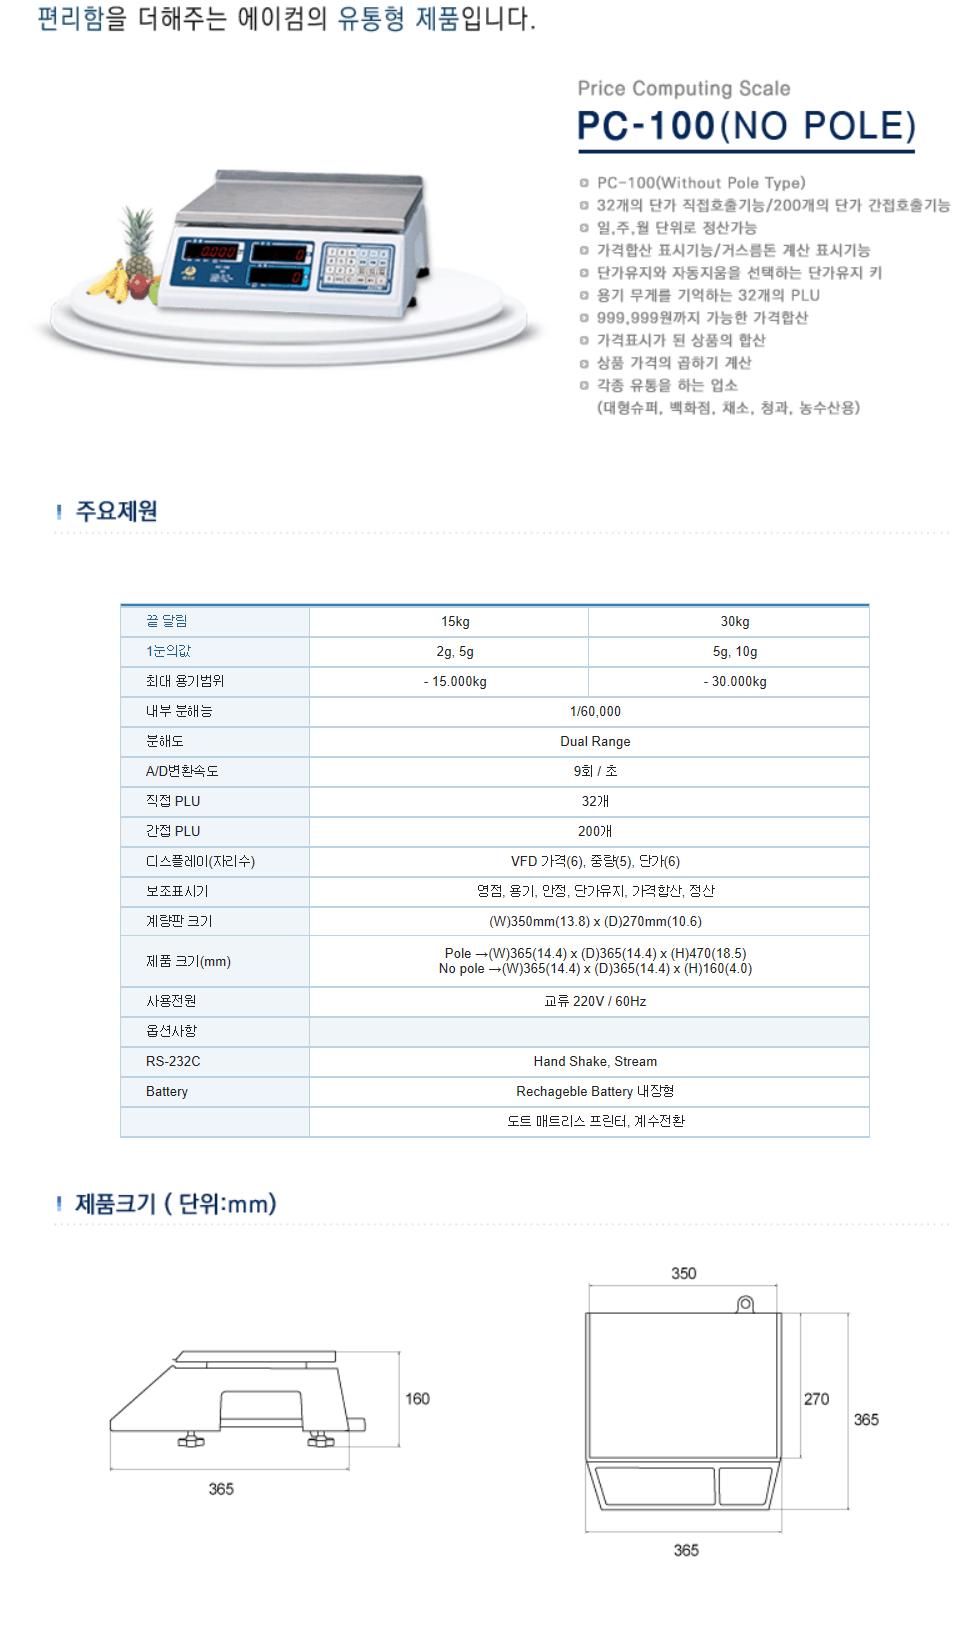 (주)에이컴 Price Computing Scale PC-100 (NOPOLE) 1